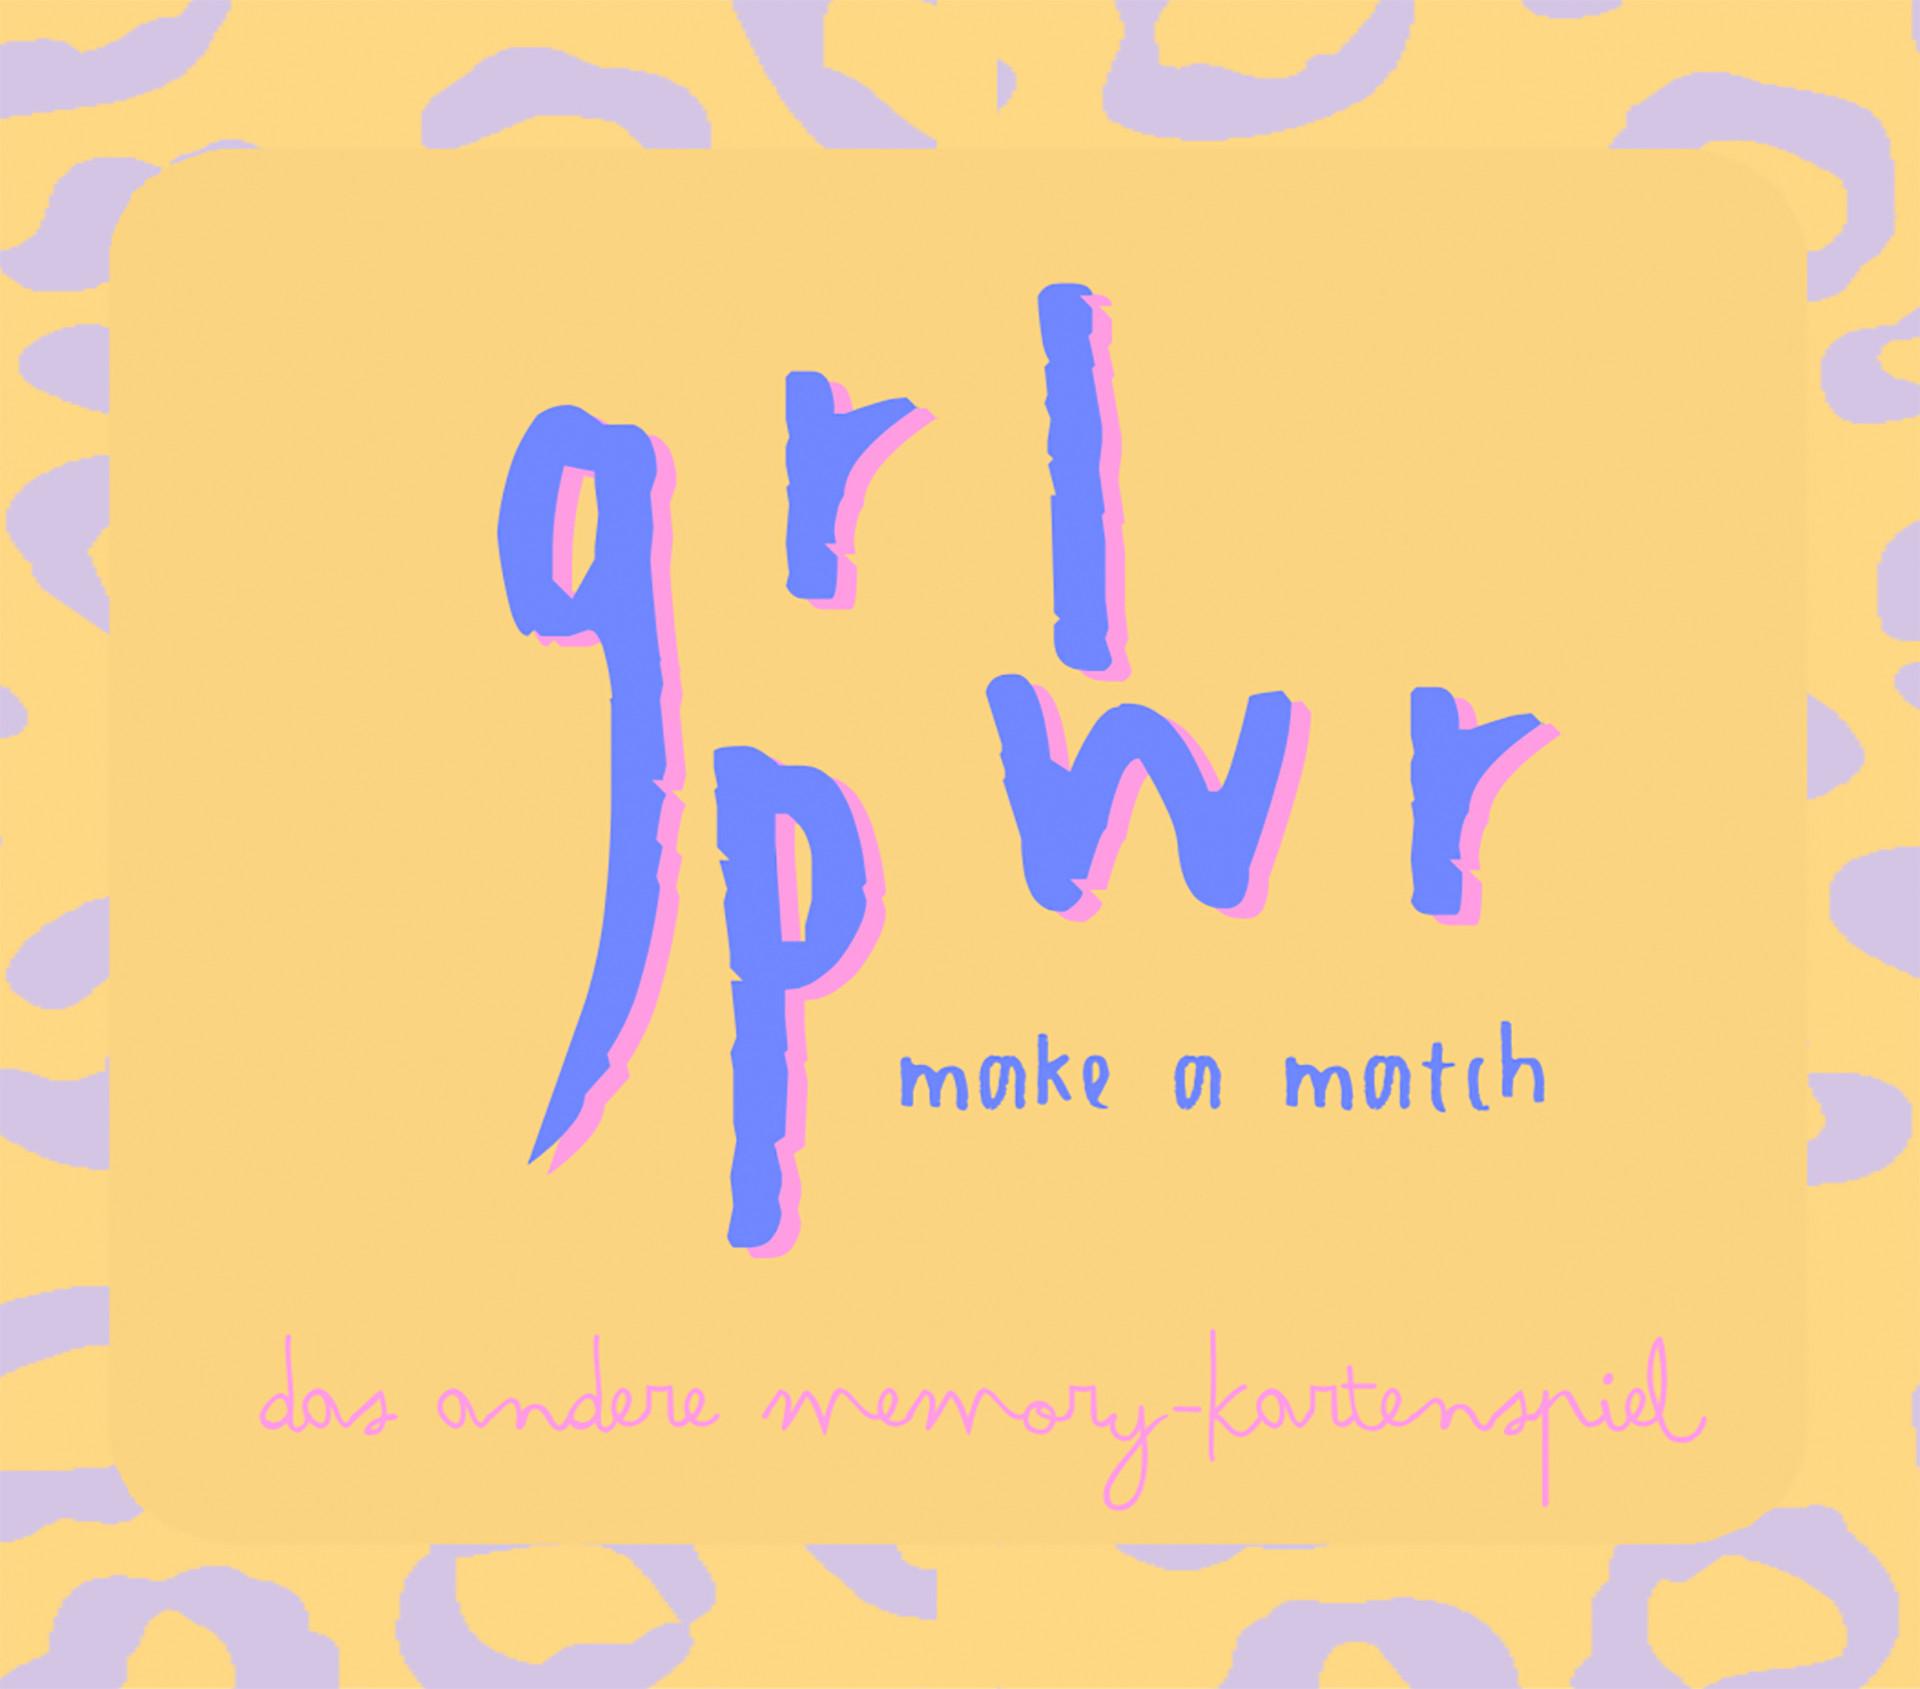 grl pwr – make a match